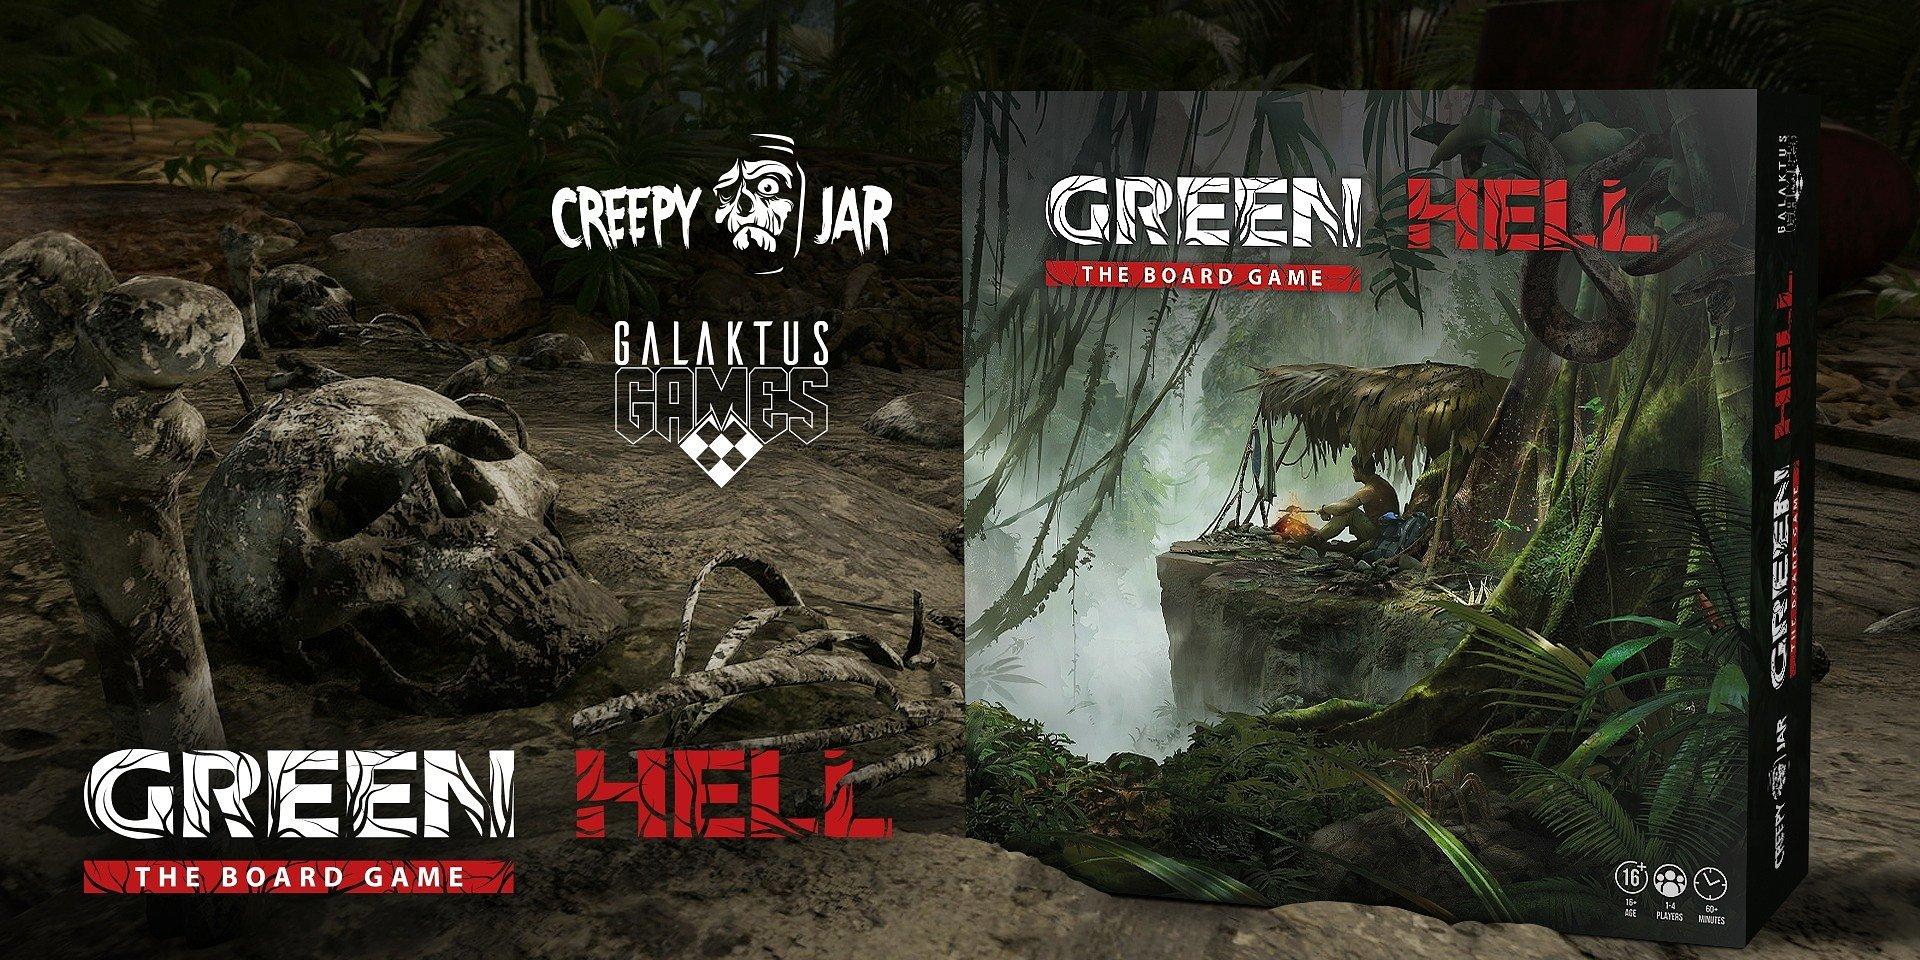 Настолка по игре Green Hell выходит на Kickstarter. Вместе со своими друзьями вы сможете пережить драму в джунглях Амазонки глазами спасателей.